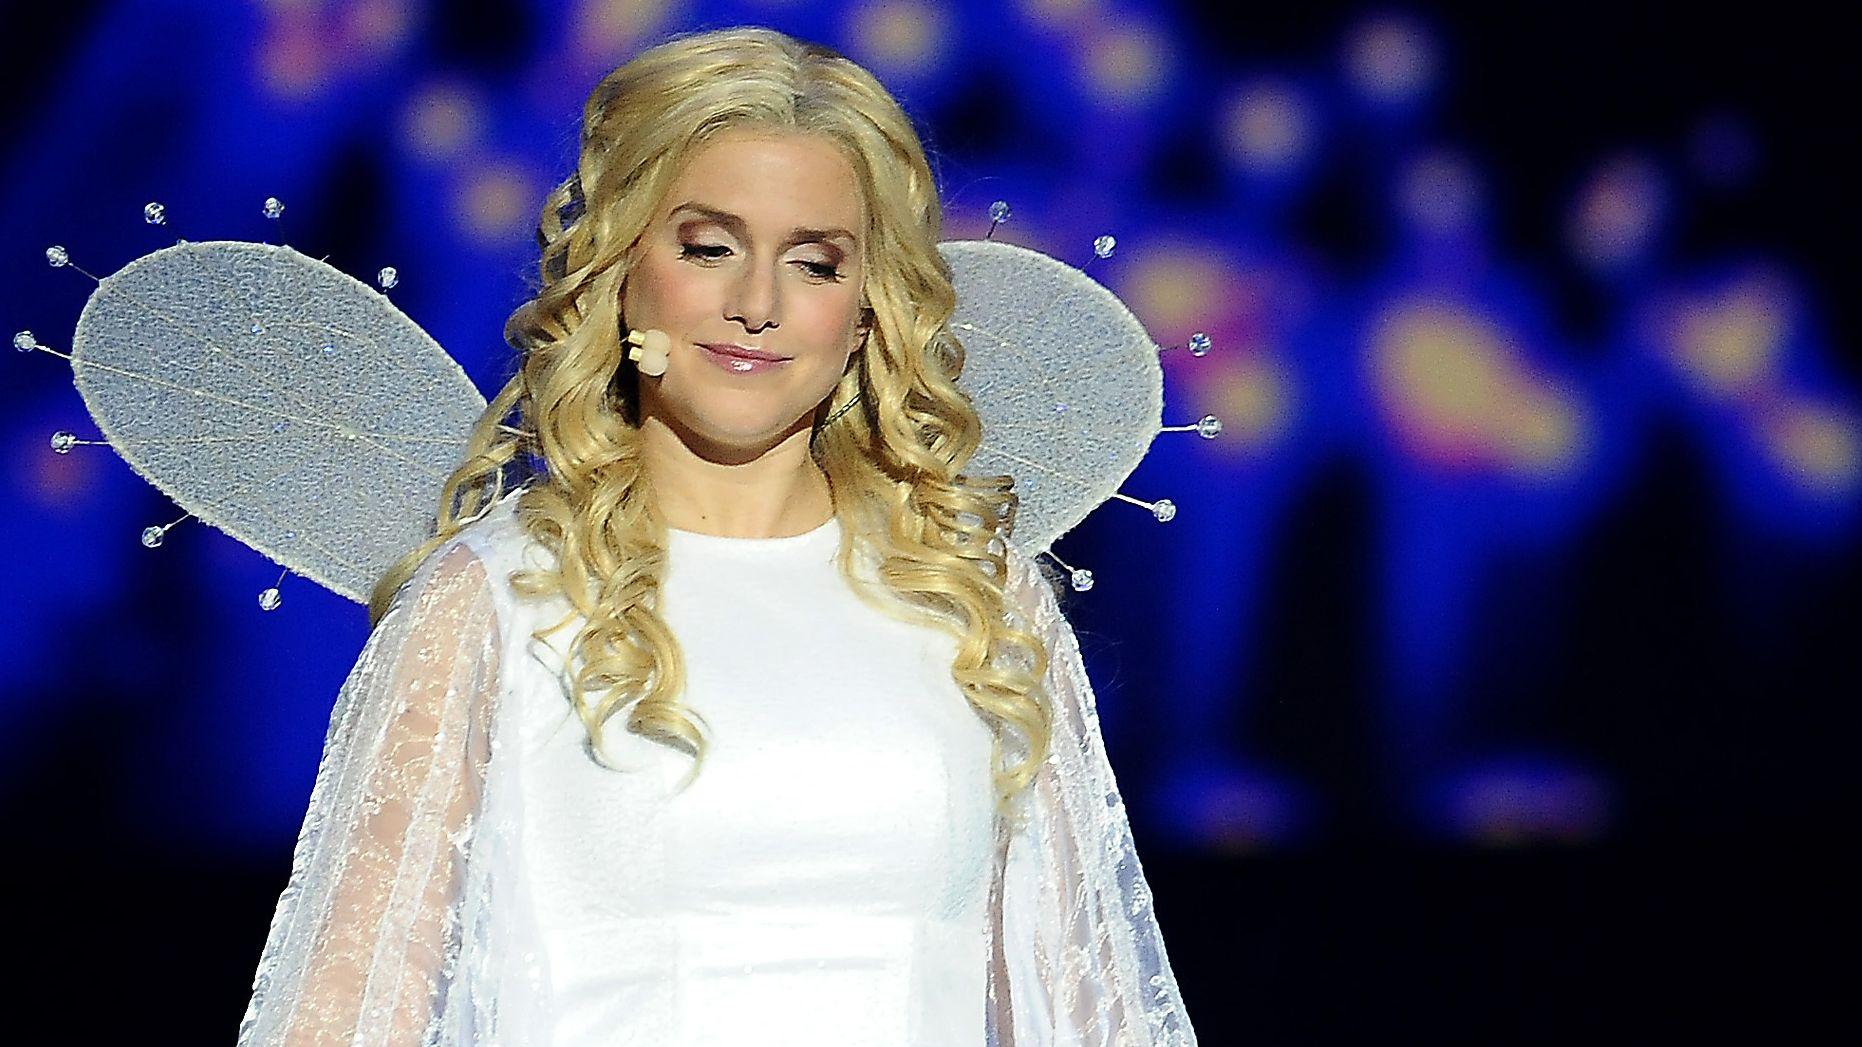 """Sängerin Jeanette Biedermann als Engel in weißem Gewand auf der Bühne des Musicals """"Vom Geist der Weihnacht"""", 2014 in Oberhausen Belle"""